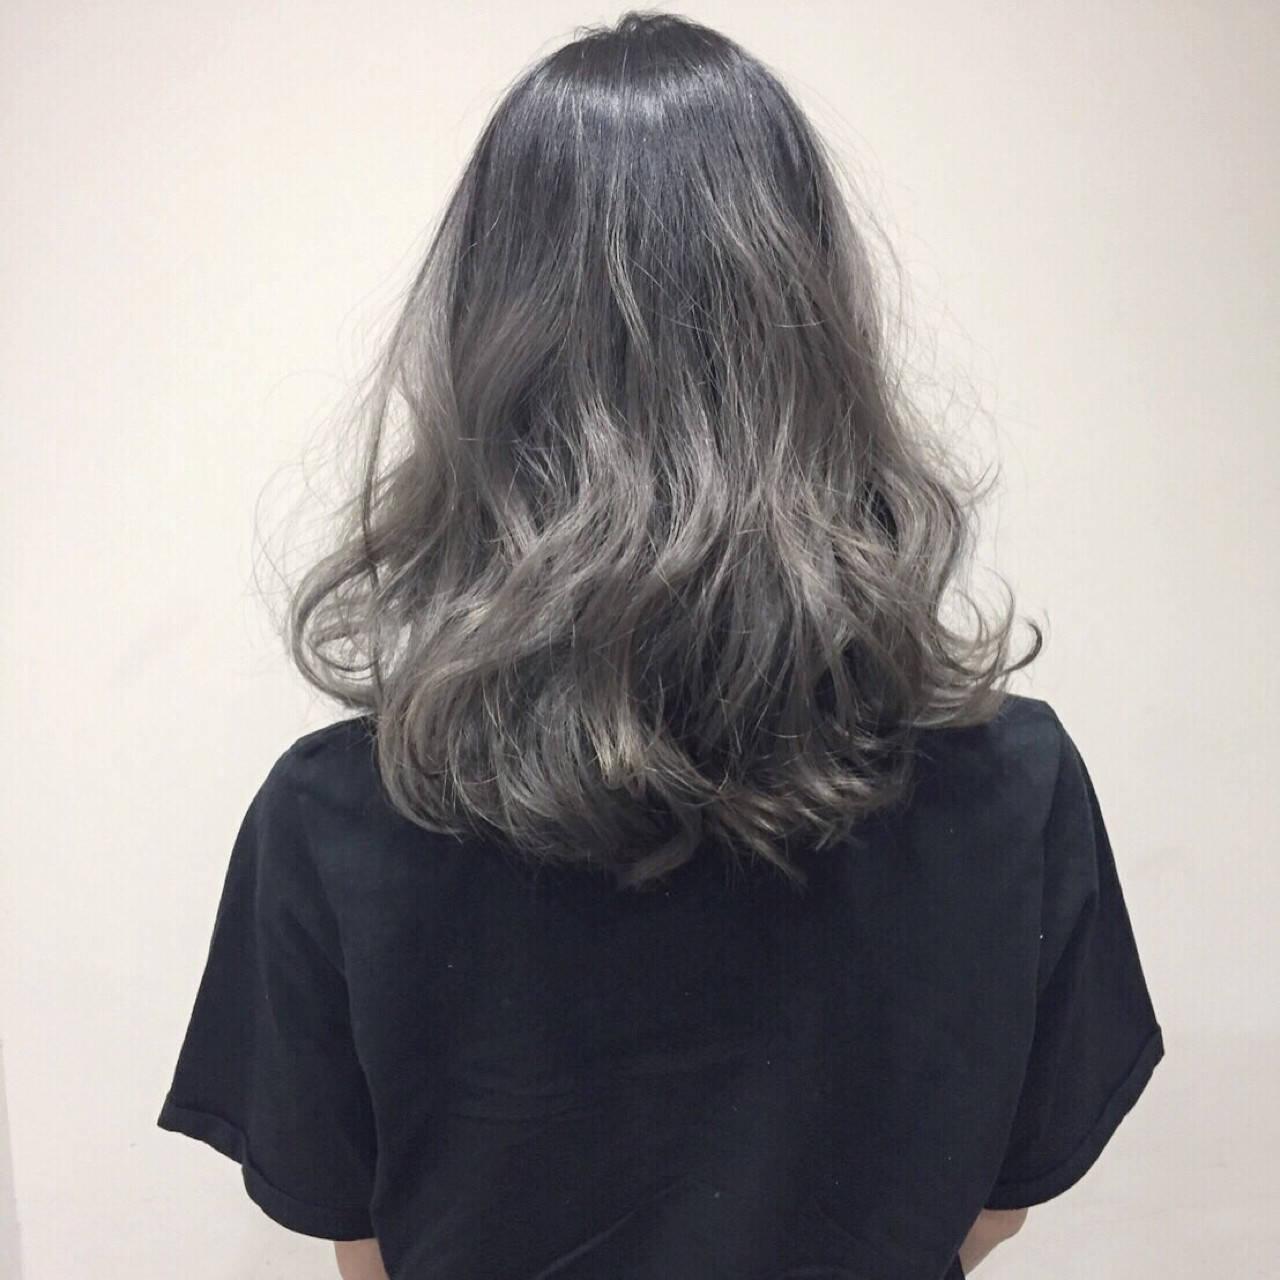 外国人風 ハイライト グラデーションカラー 暗髪ヘアスタイルや髪型の写真・画像